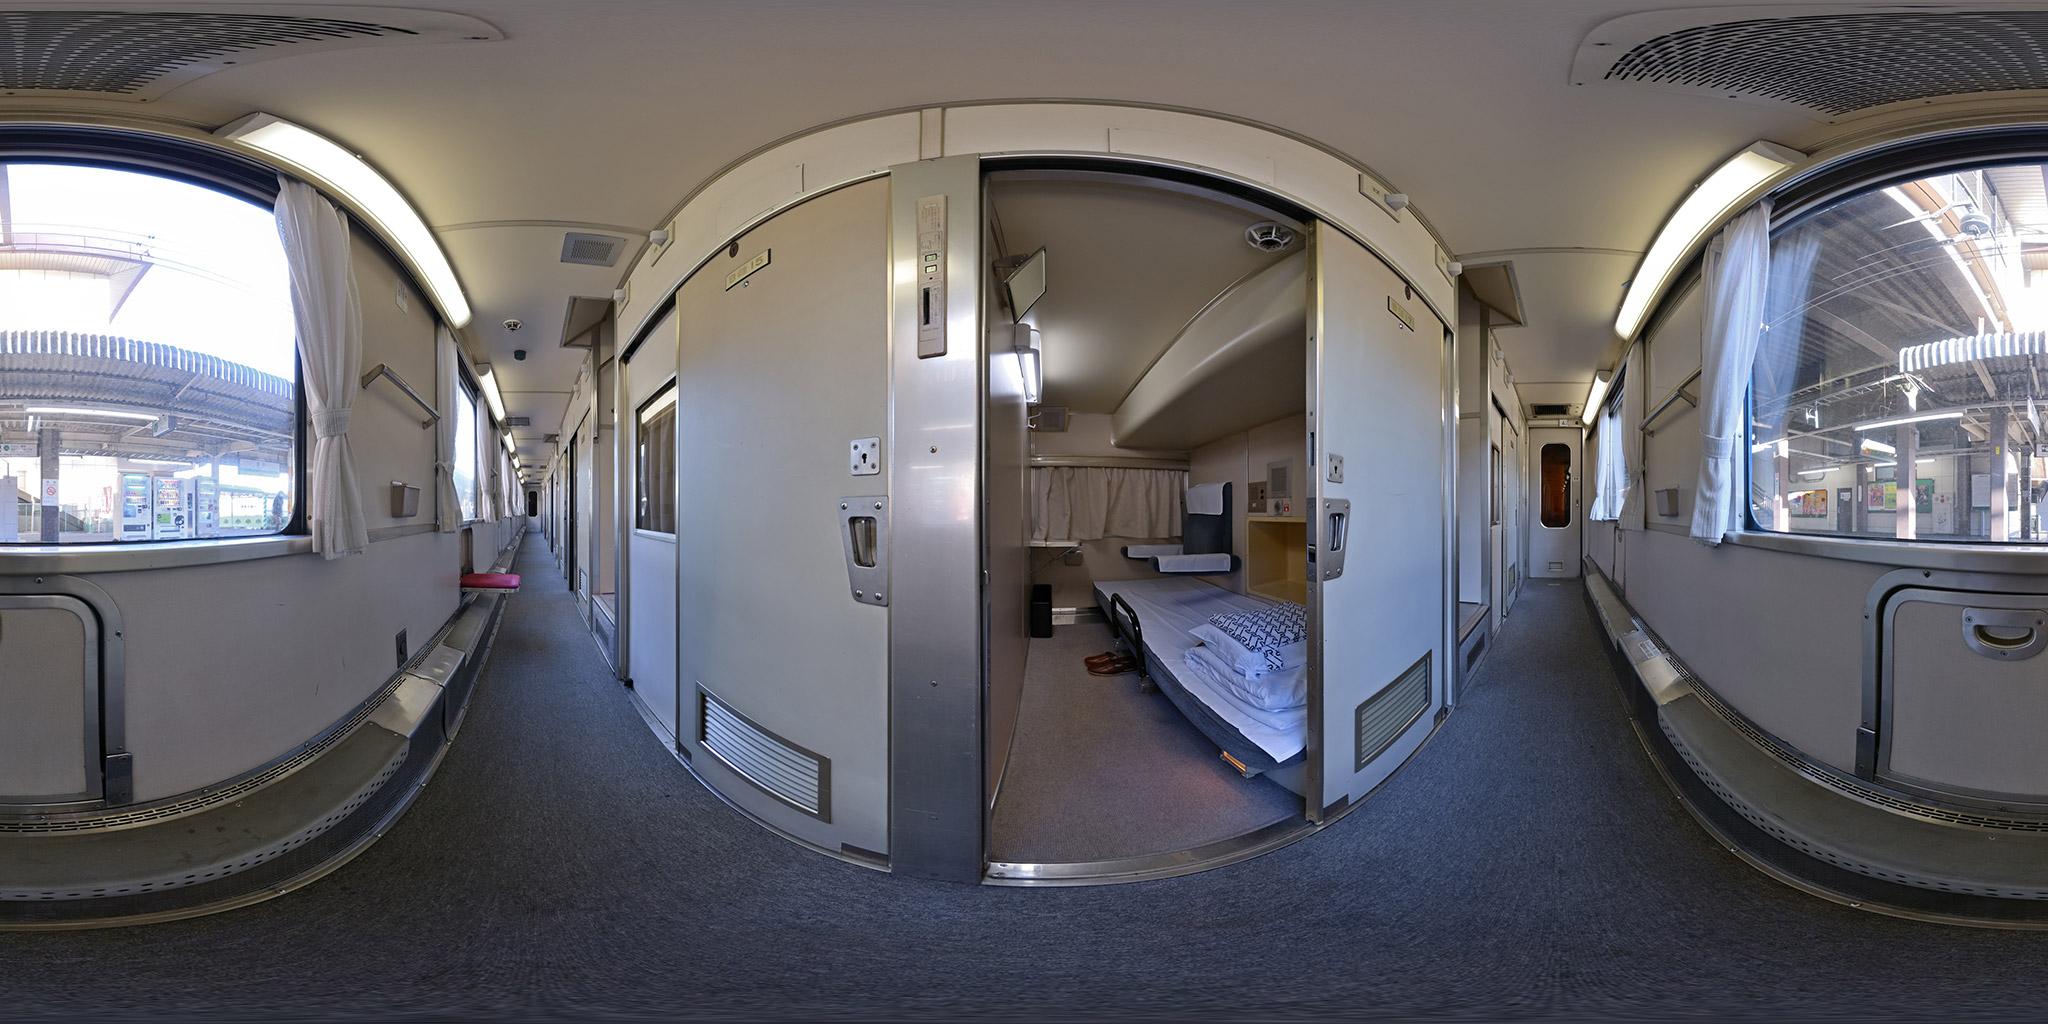 寝台特急北陸ソロ(スハネ14-752)車内のパノラマ